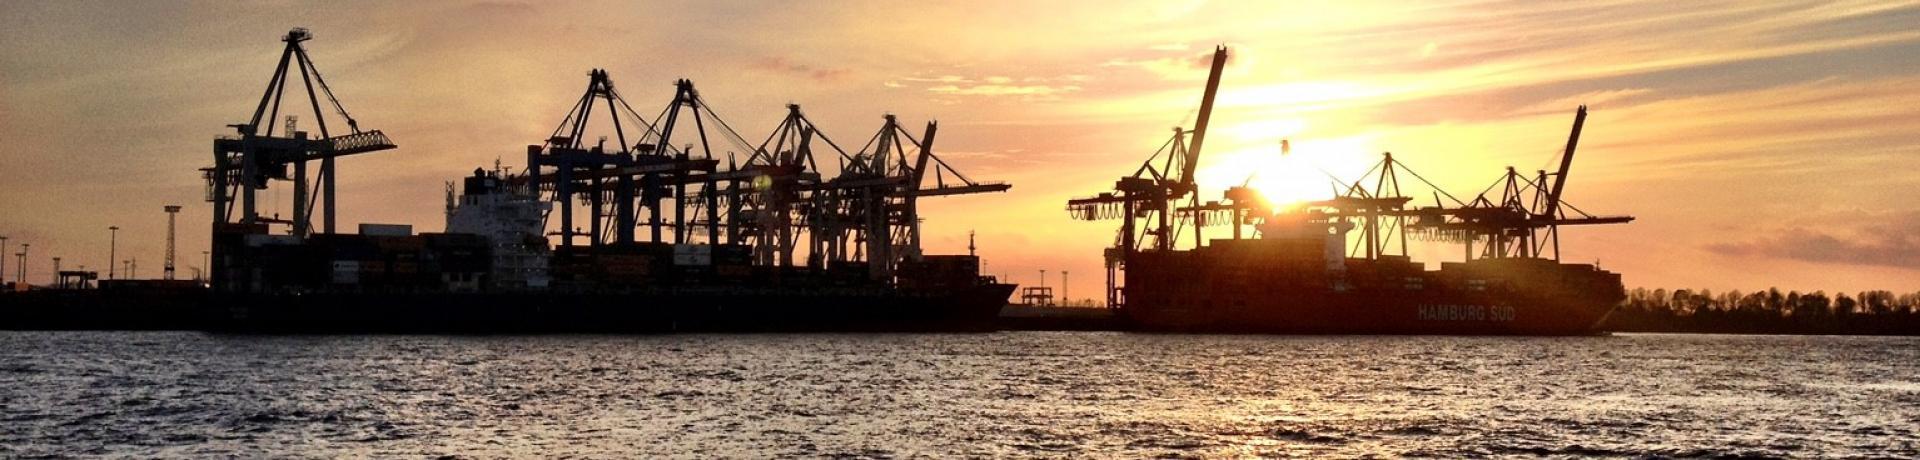 Deutschland: Hamburg - Hafen - Emotion